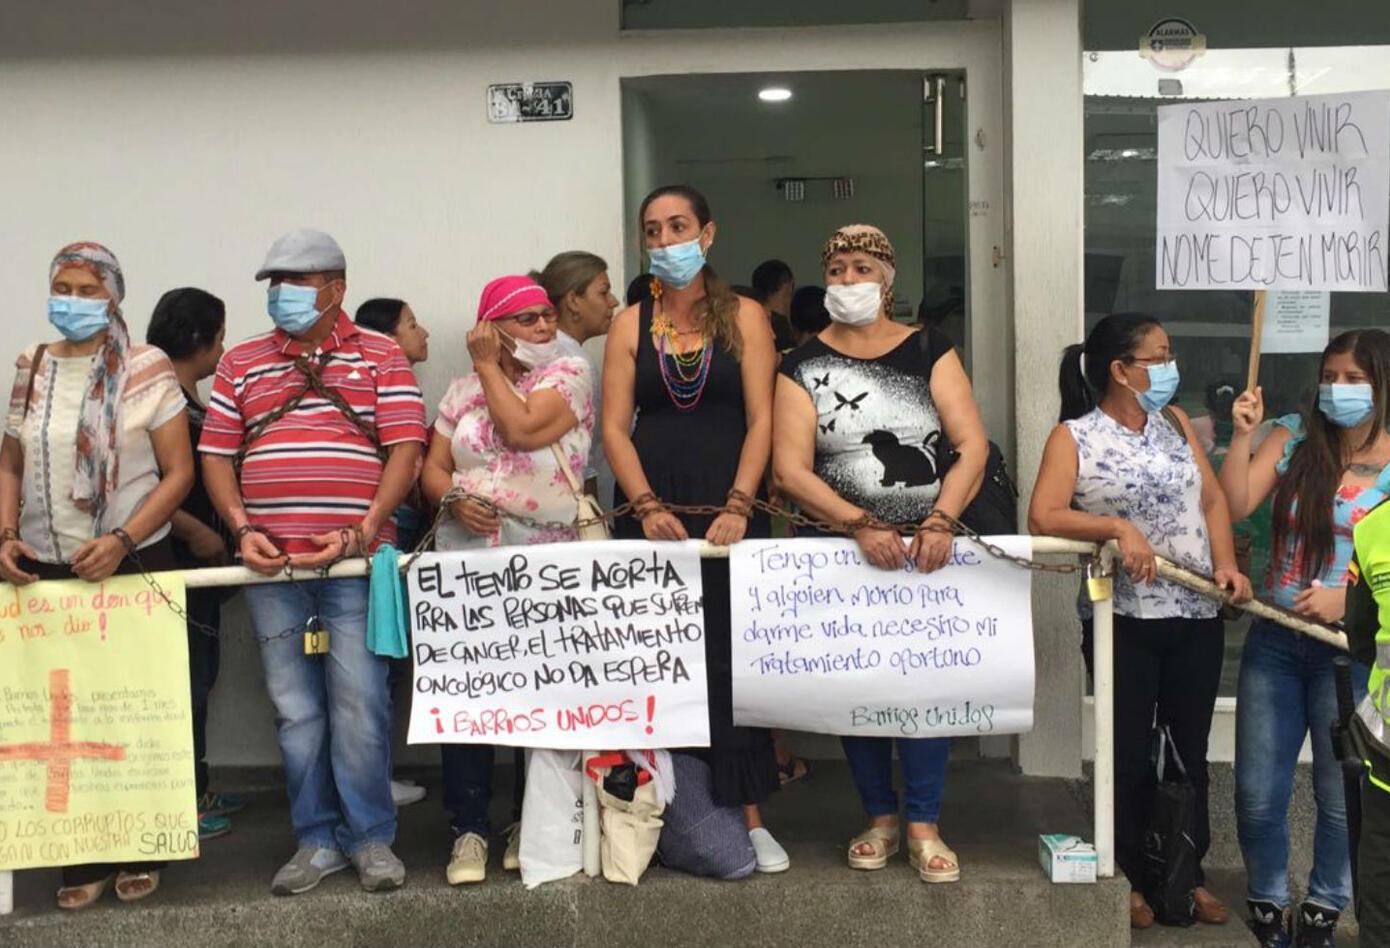 Mujeres con cáncer encadenadas a las afueras de hospital en Cartago